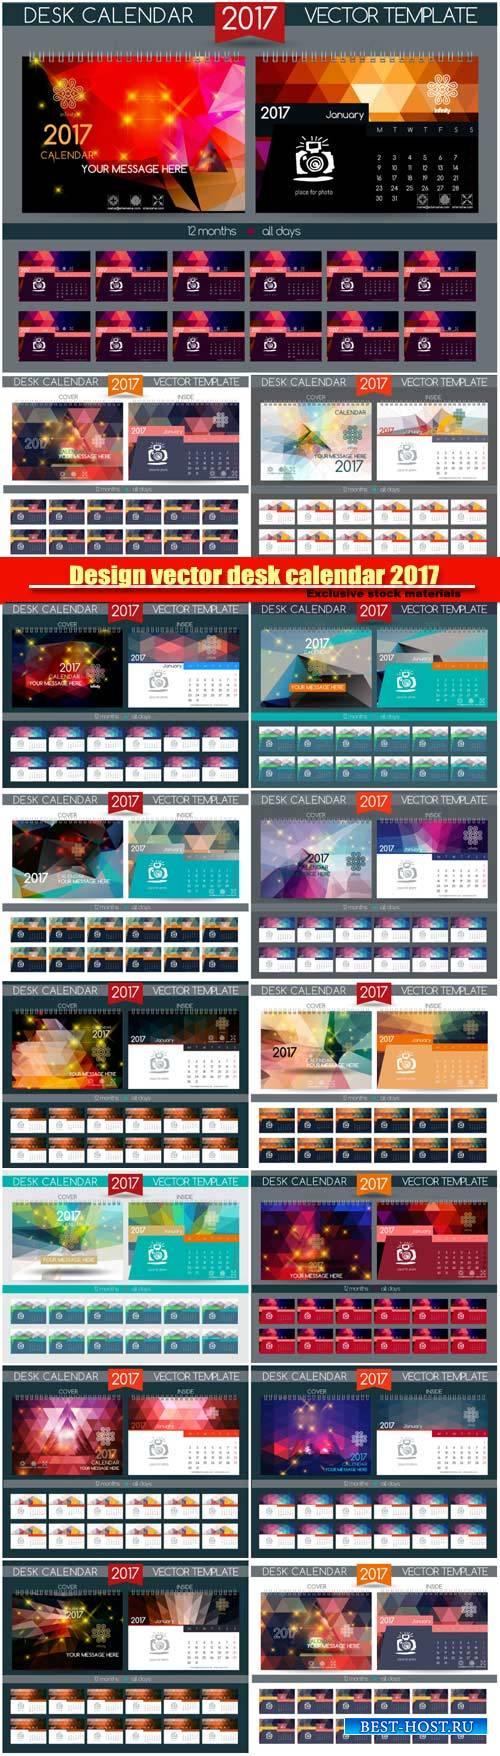 Design vector desk calendar 2017 year